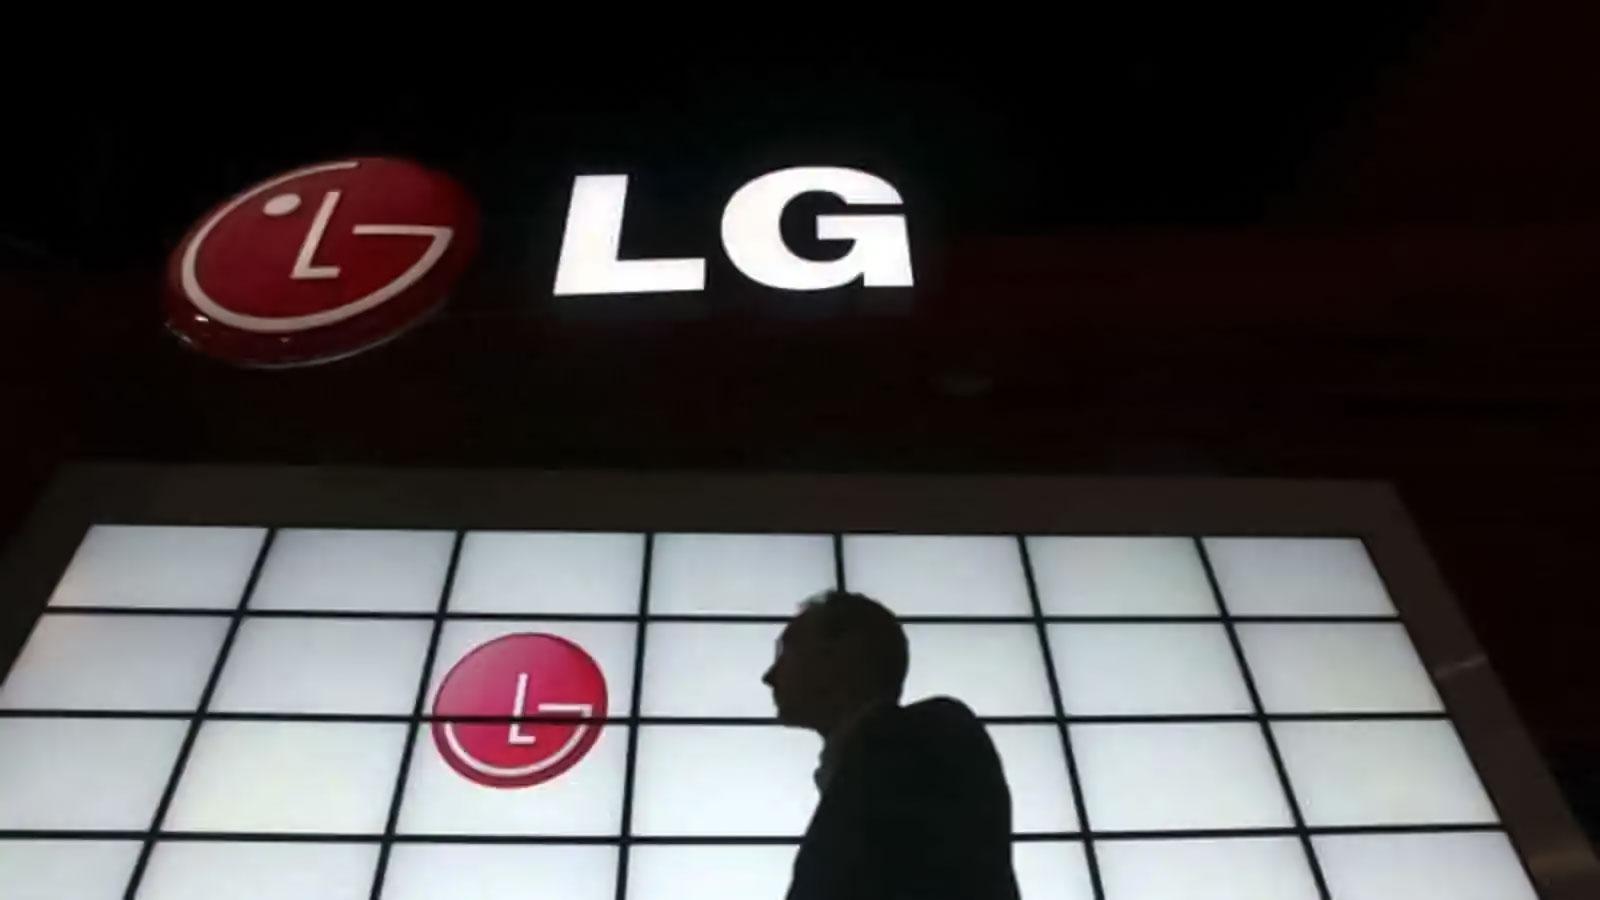 پایان ال جی موبایل با وجود عدم توافق با خریداران احتمالی